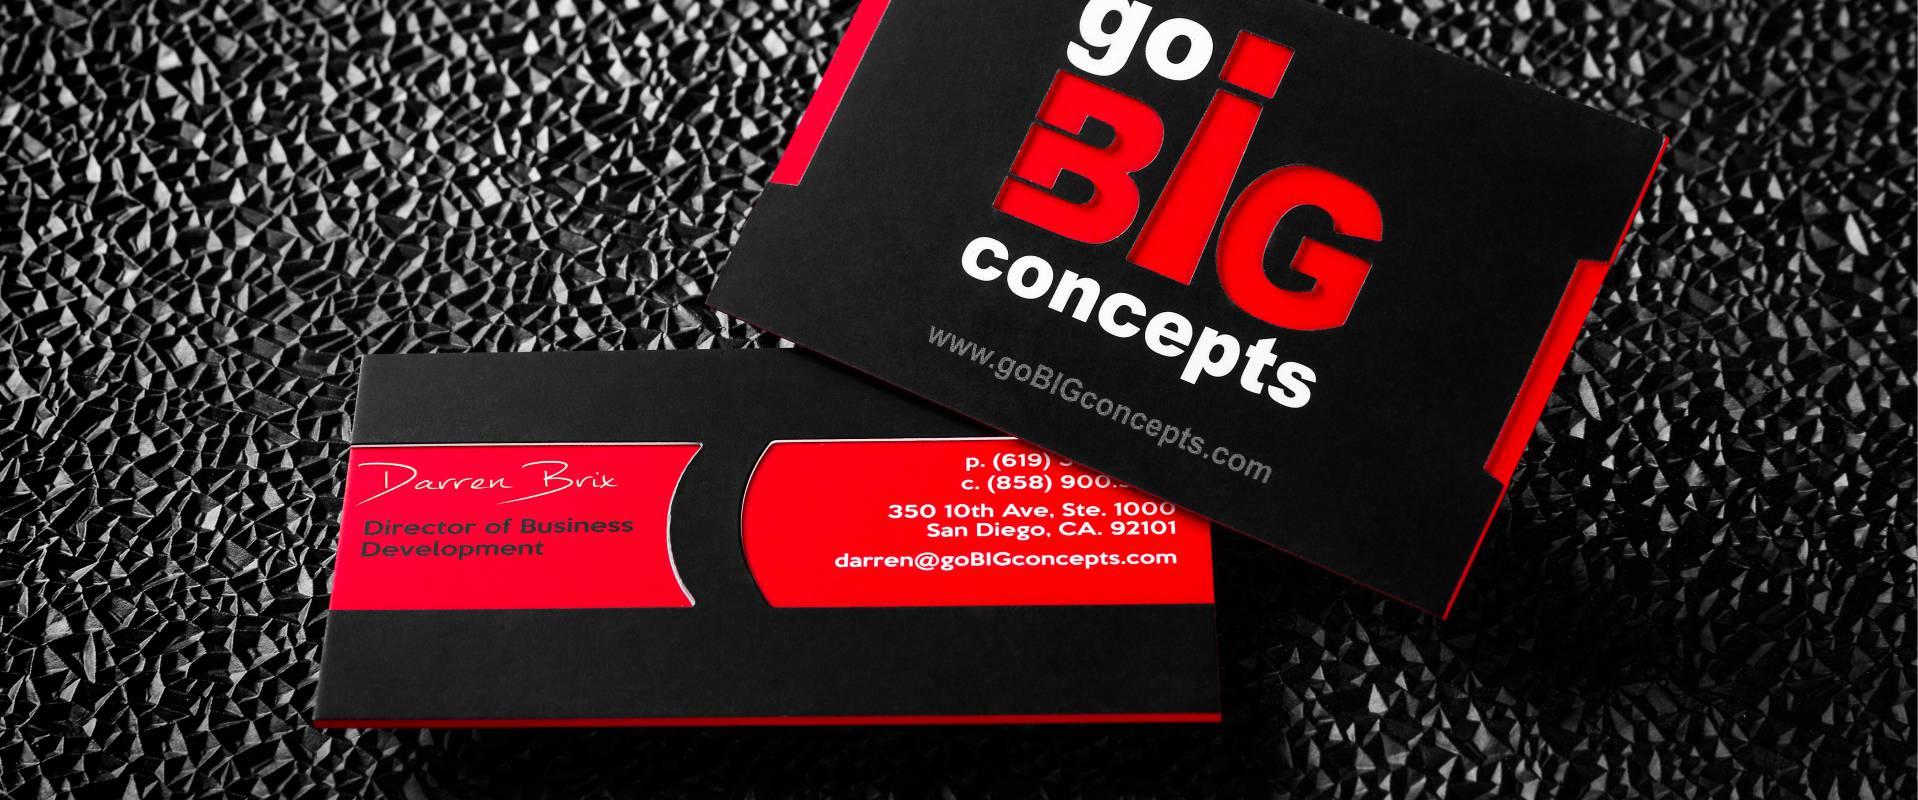 big concepts